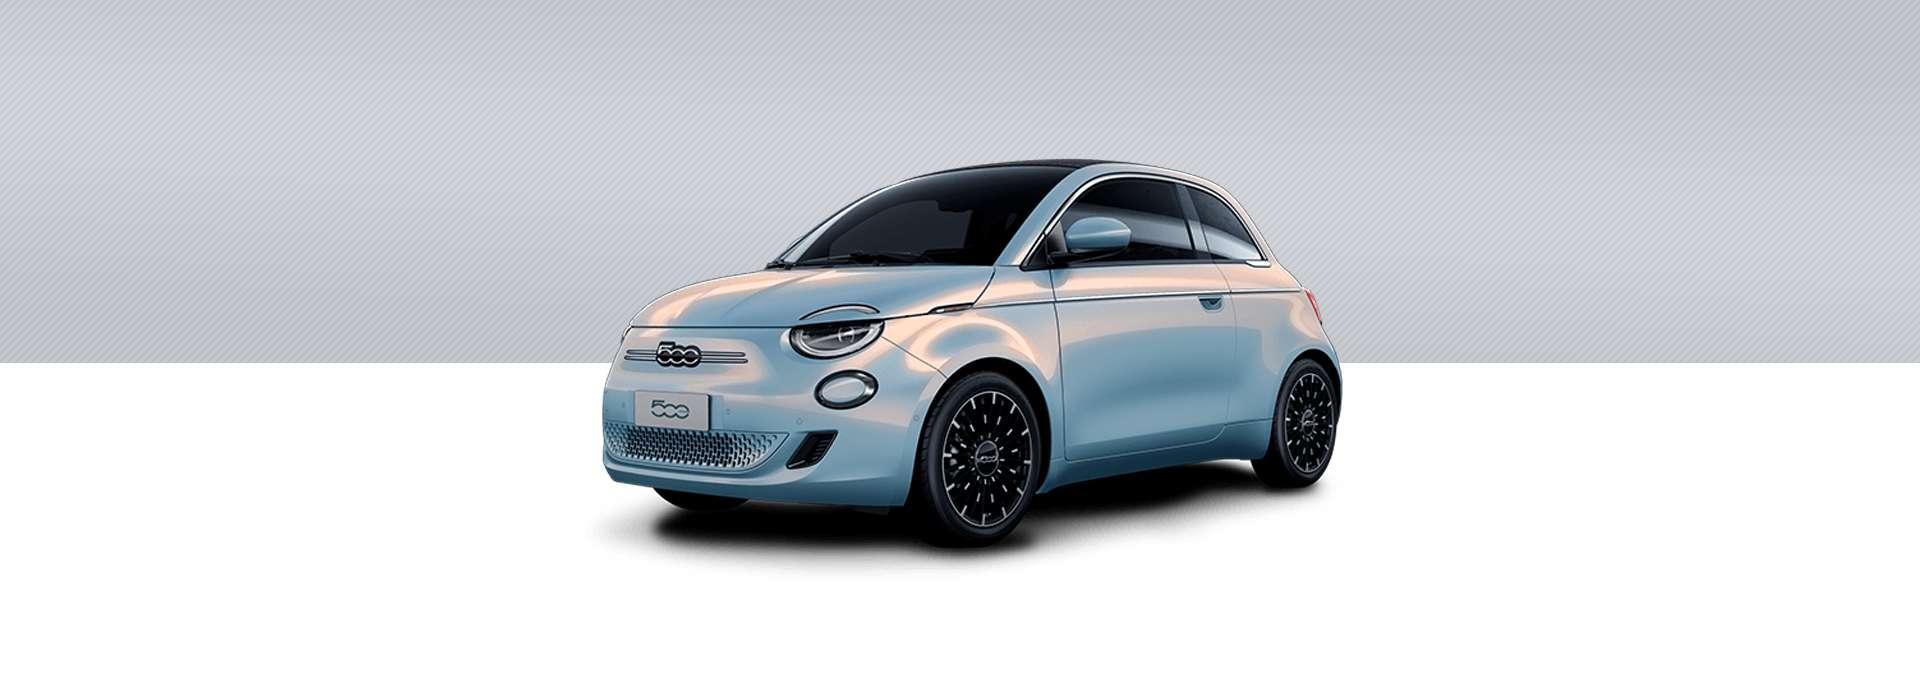 Fiat NUEVO 500 E CABRIO